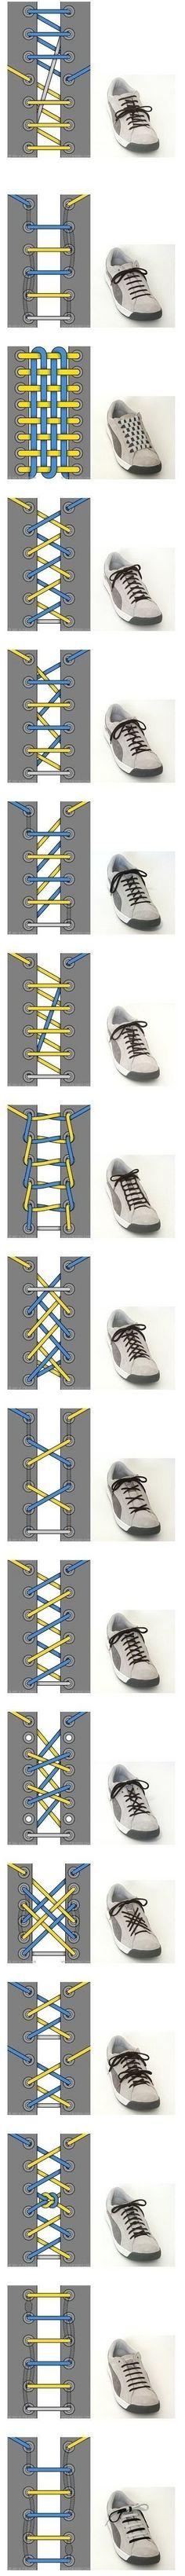 Nudos de zapatillas.